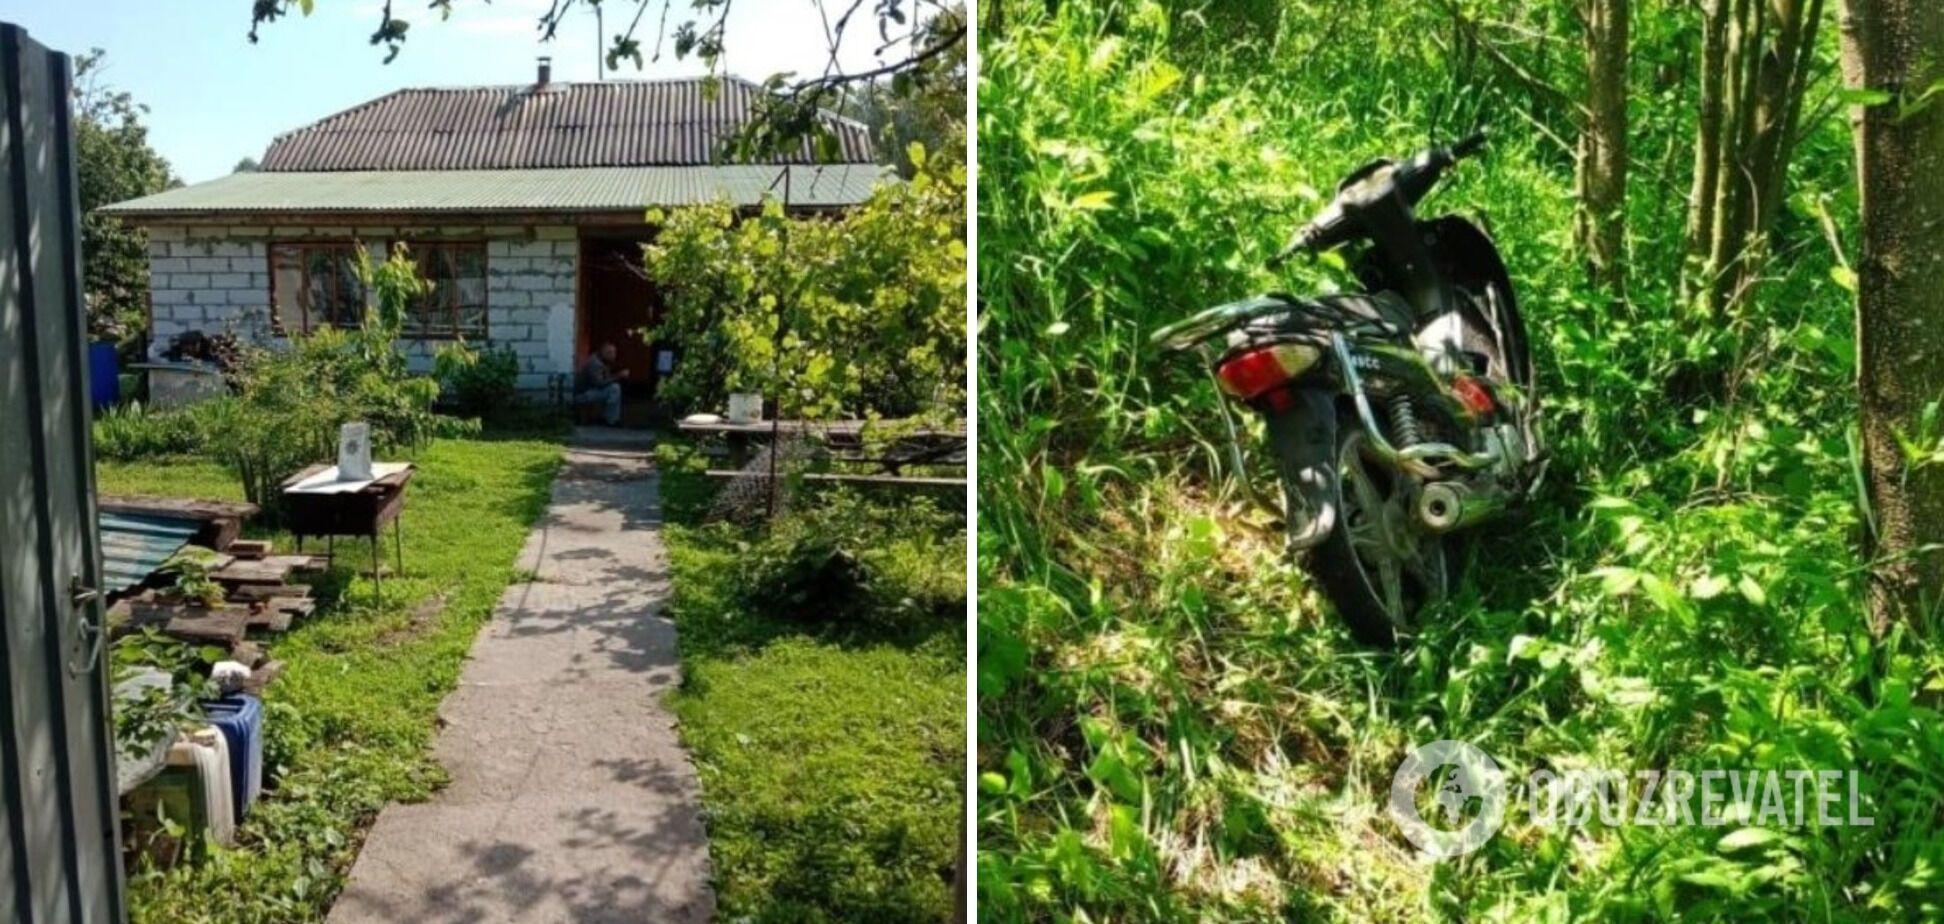 Правоохранители задержали подозреваемого в убийстве жителя соседнего села